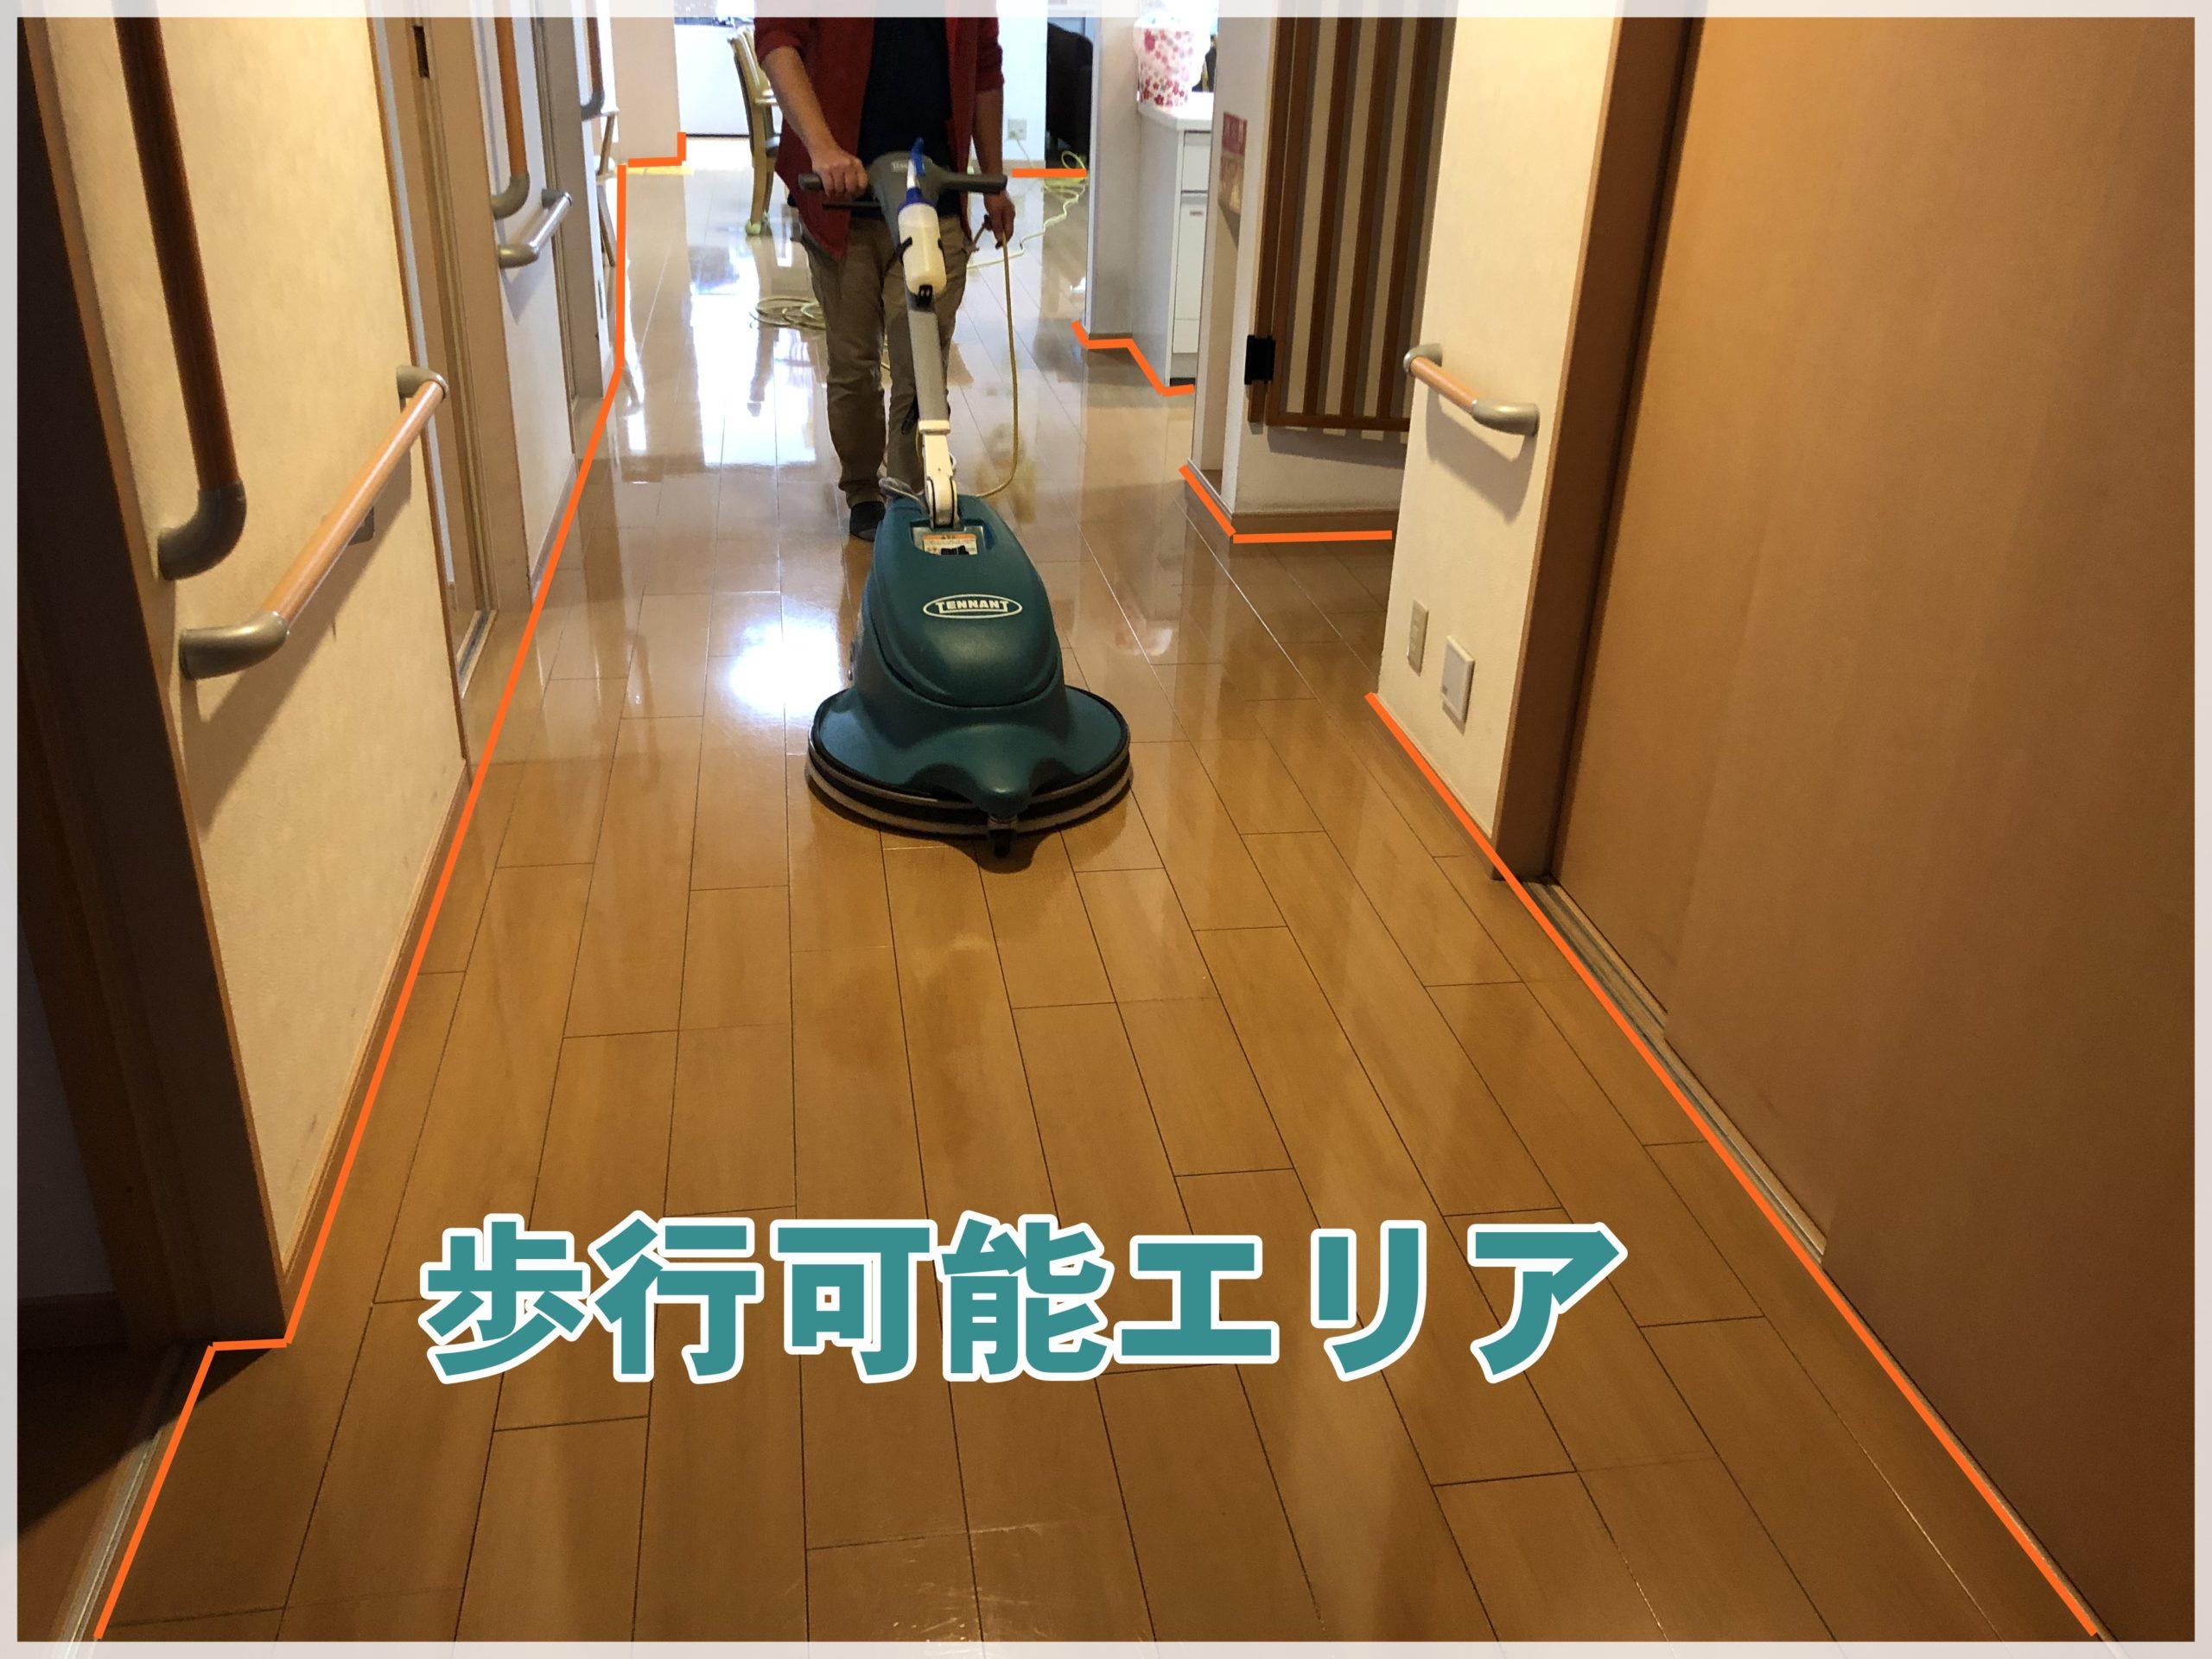 マコムの床清掃における歩行可能エリア